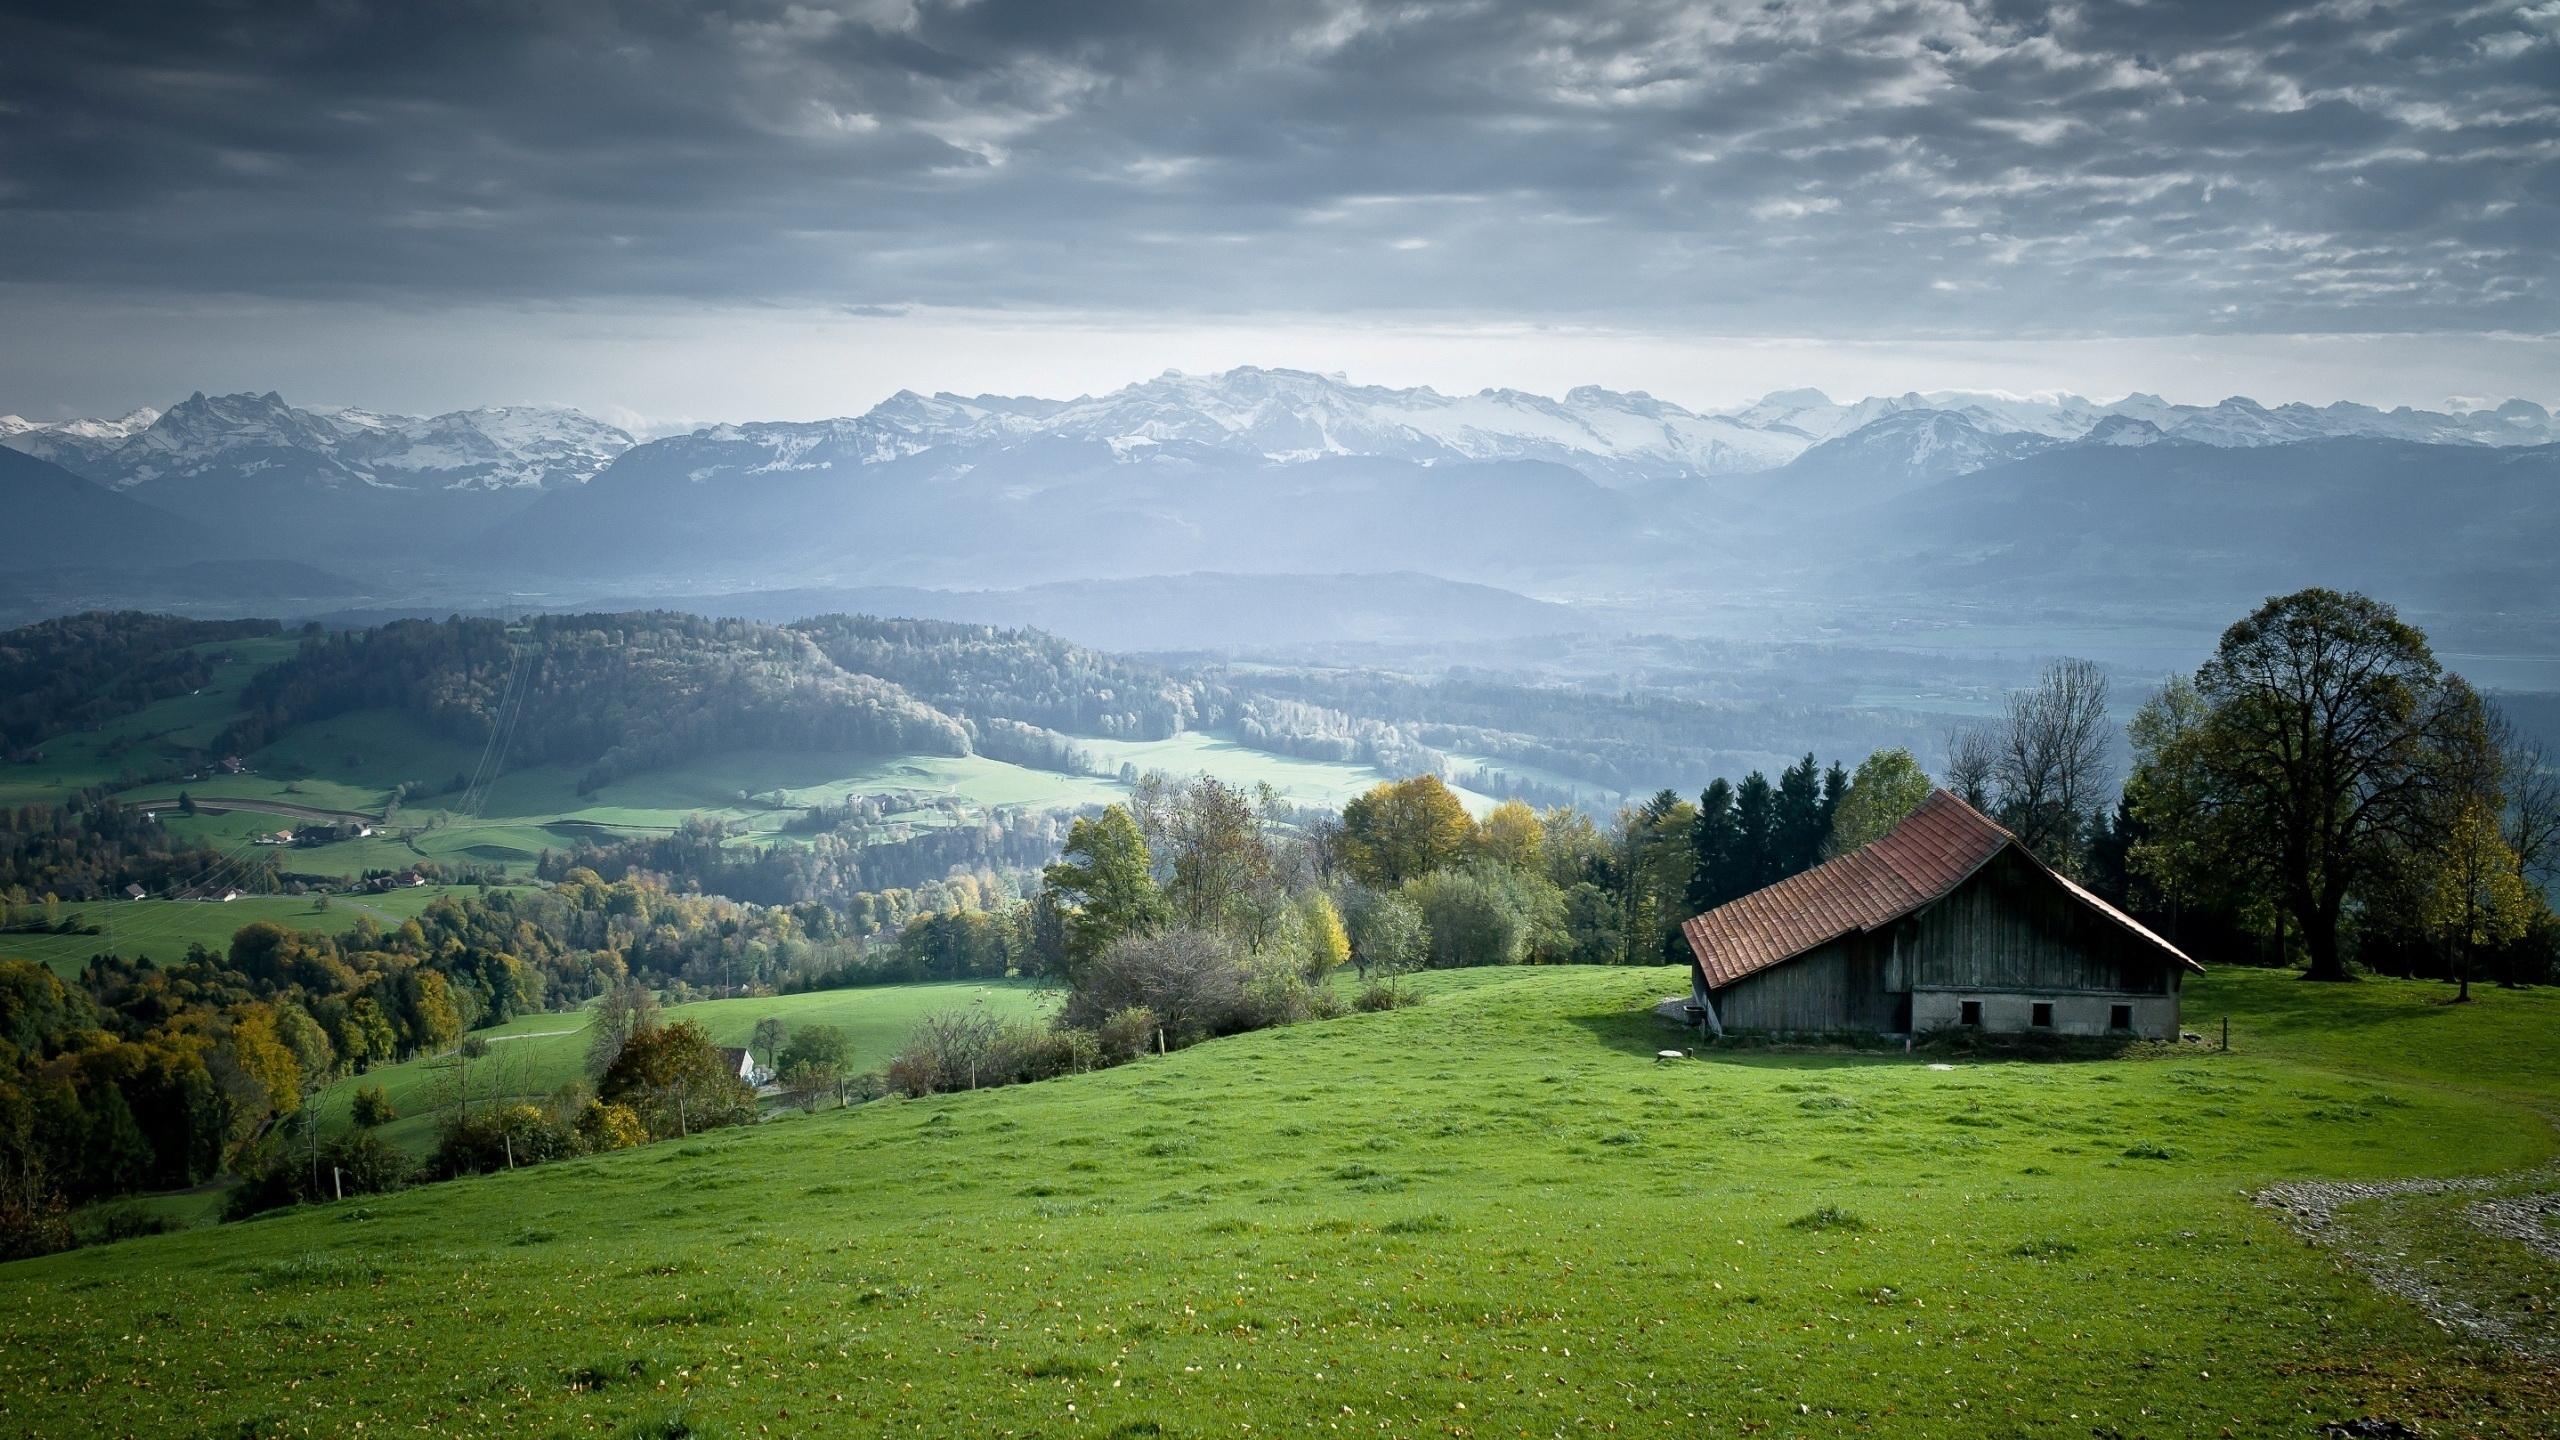 Propriedade privada significa preservação | Douglas French